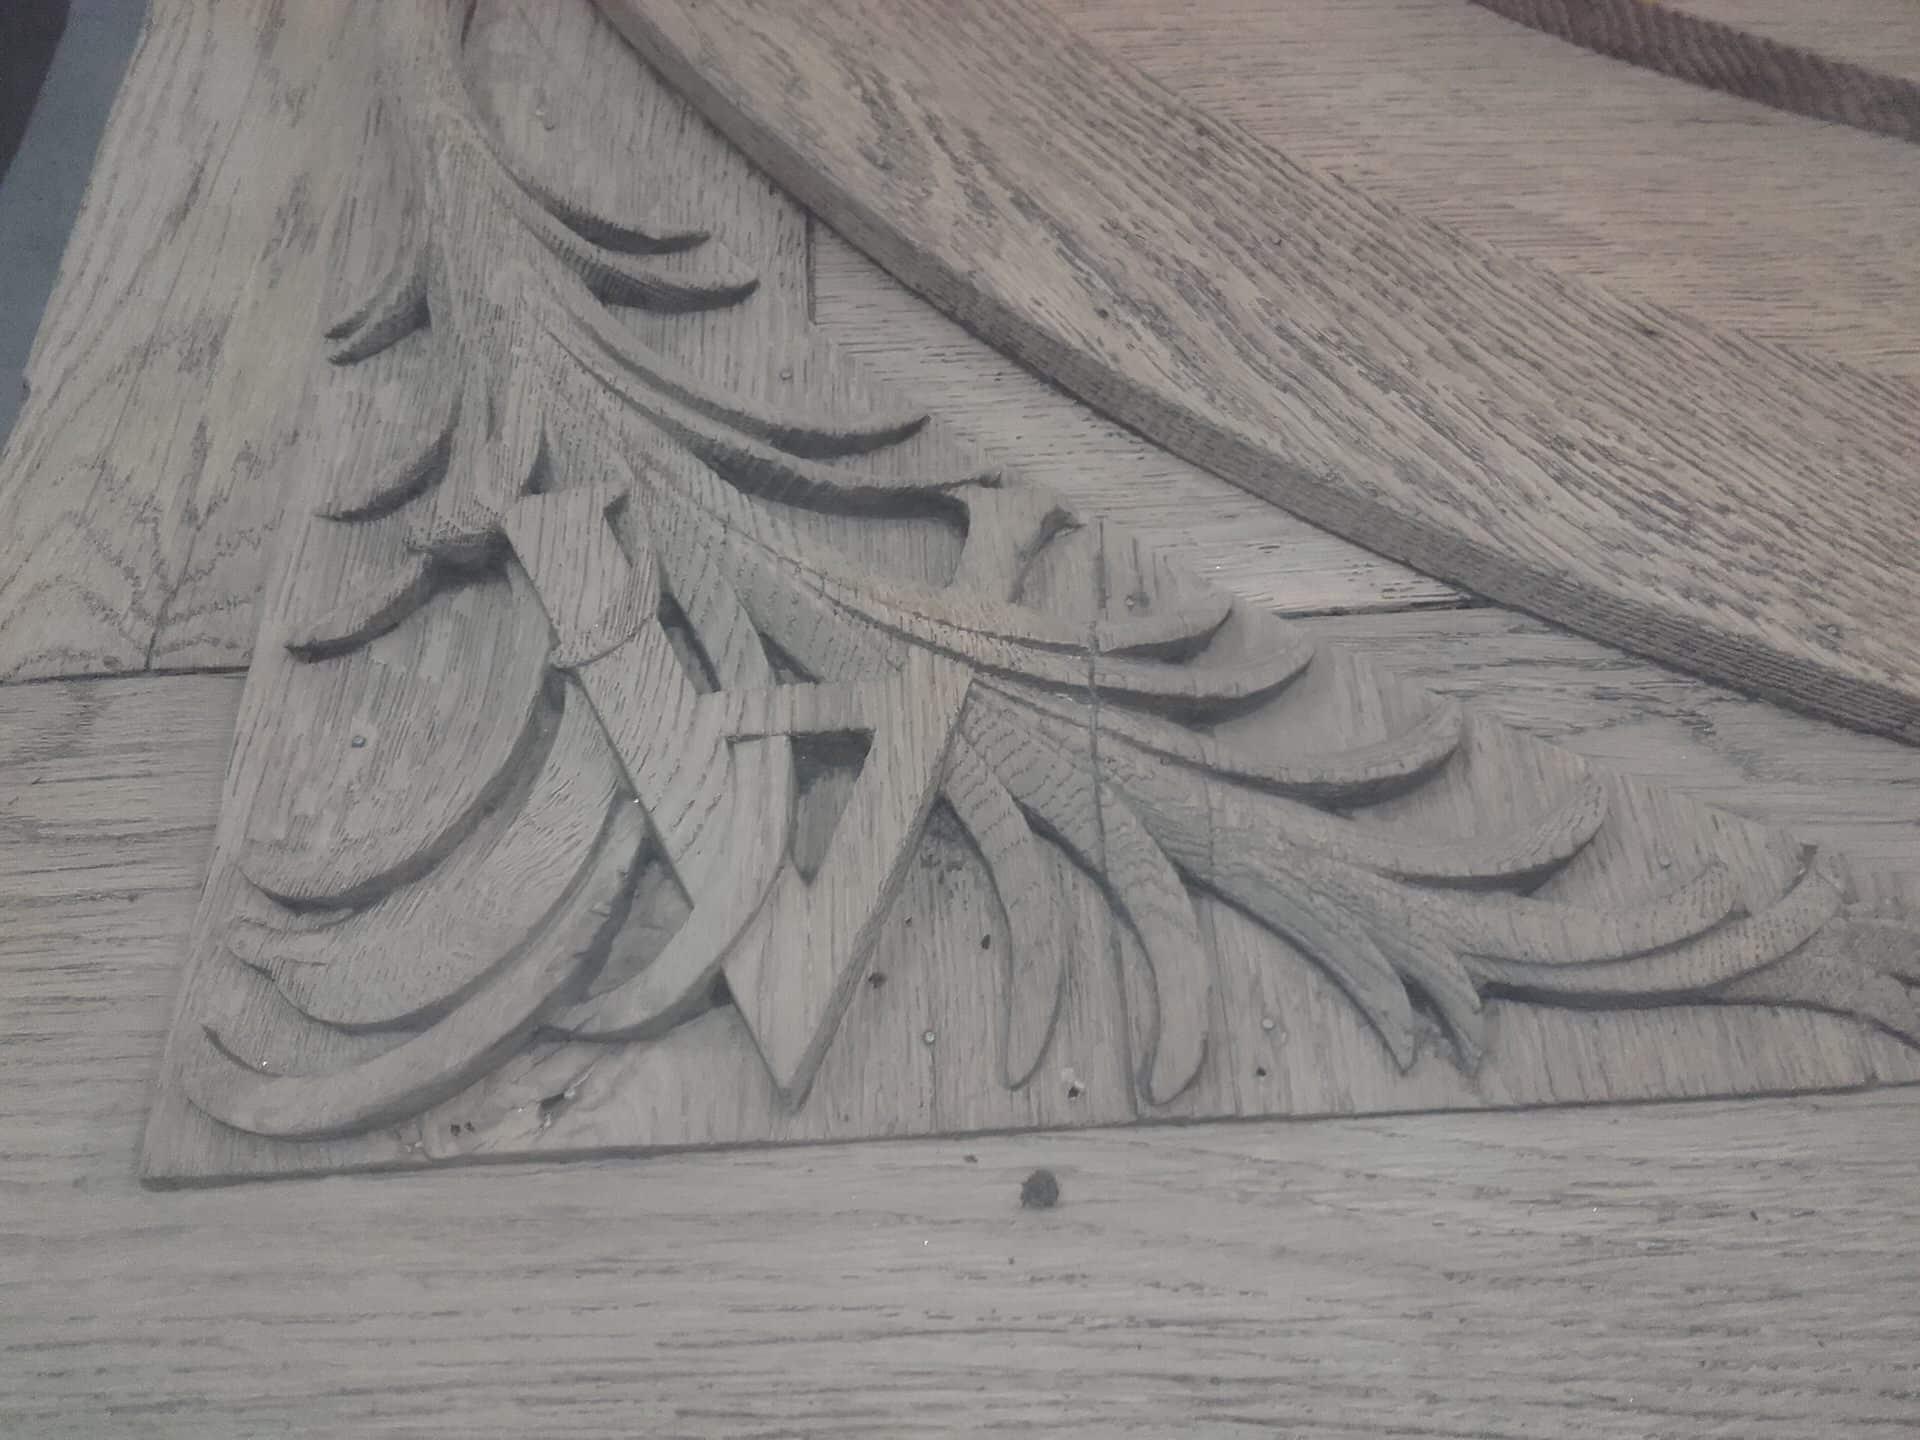 décapage sculpture bois